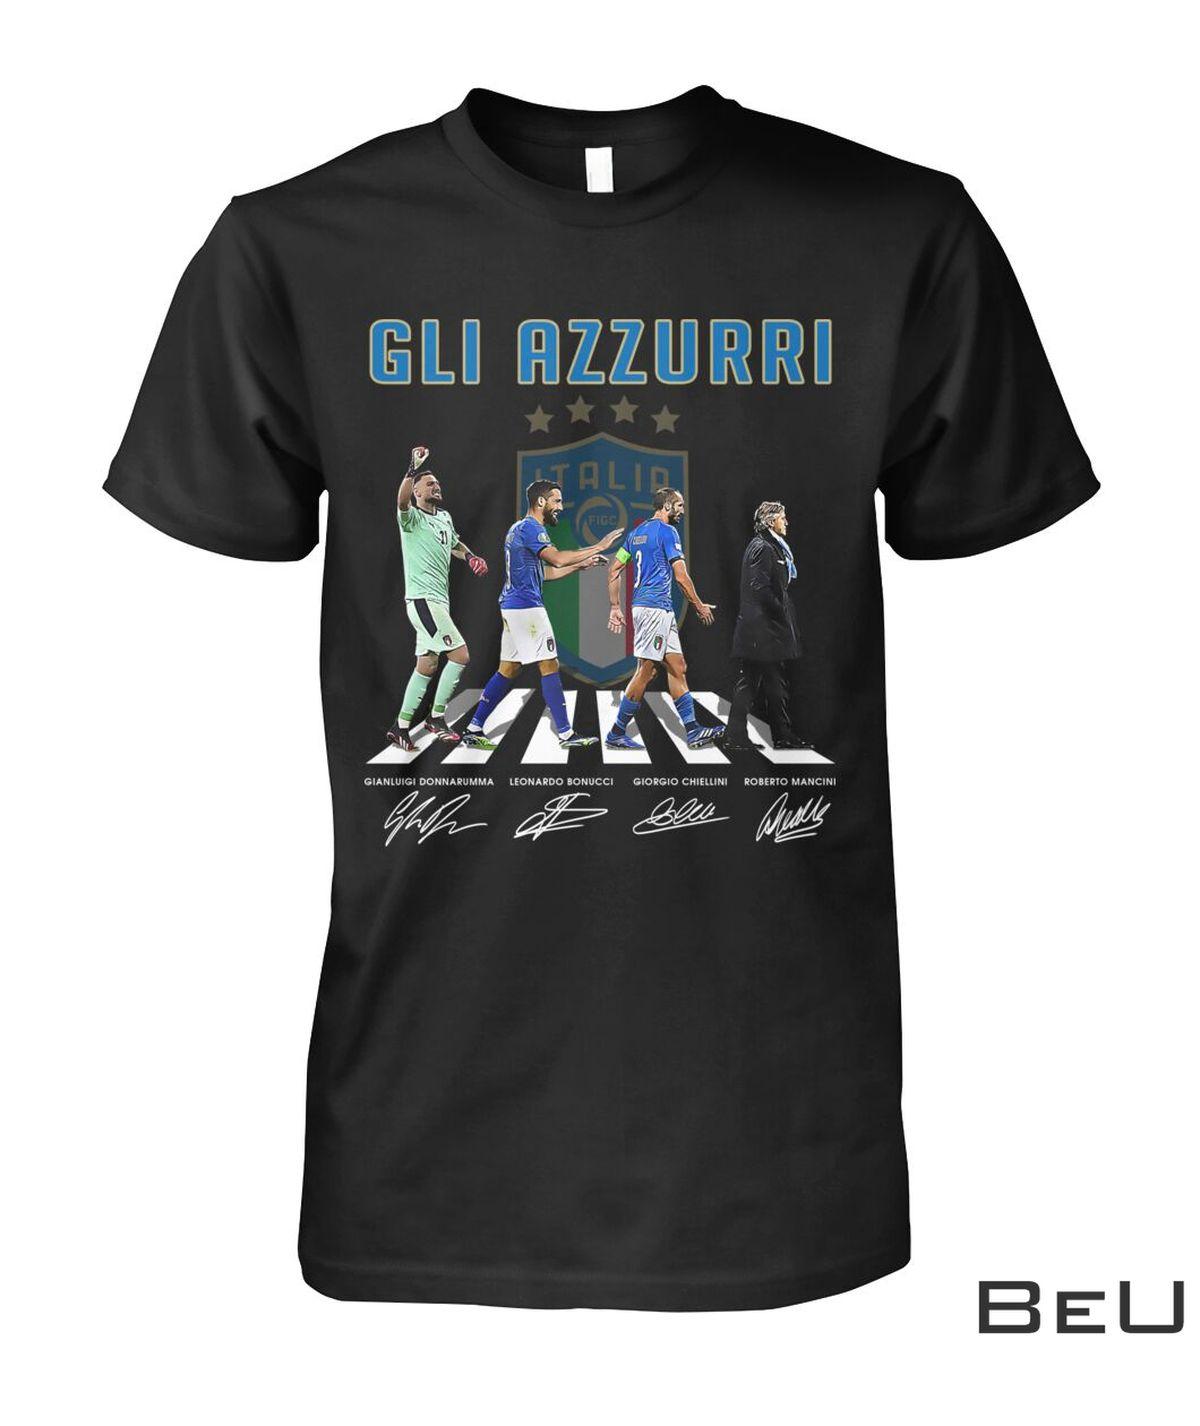 Gli Azzurri Shirt